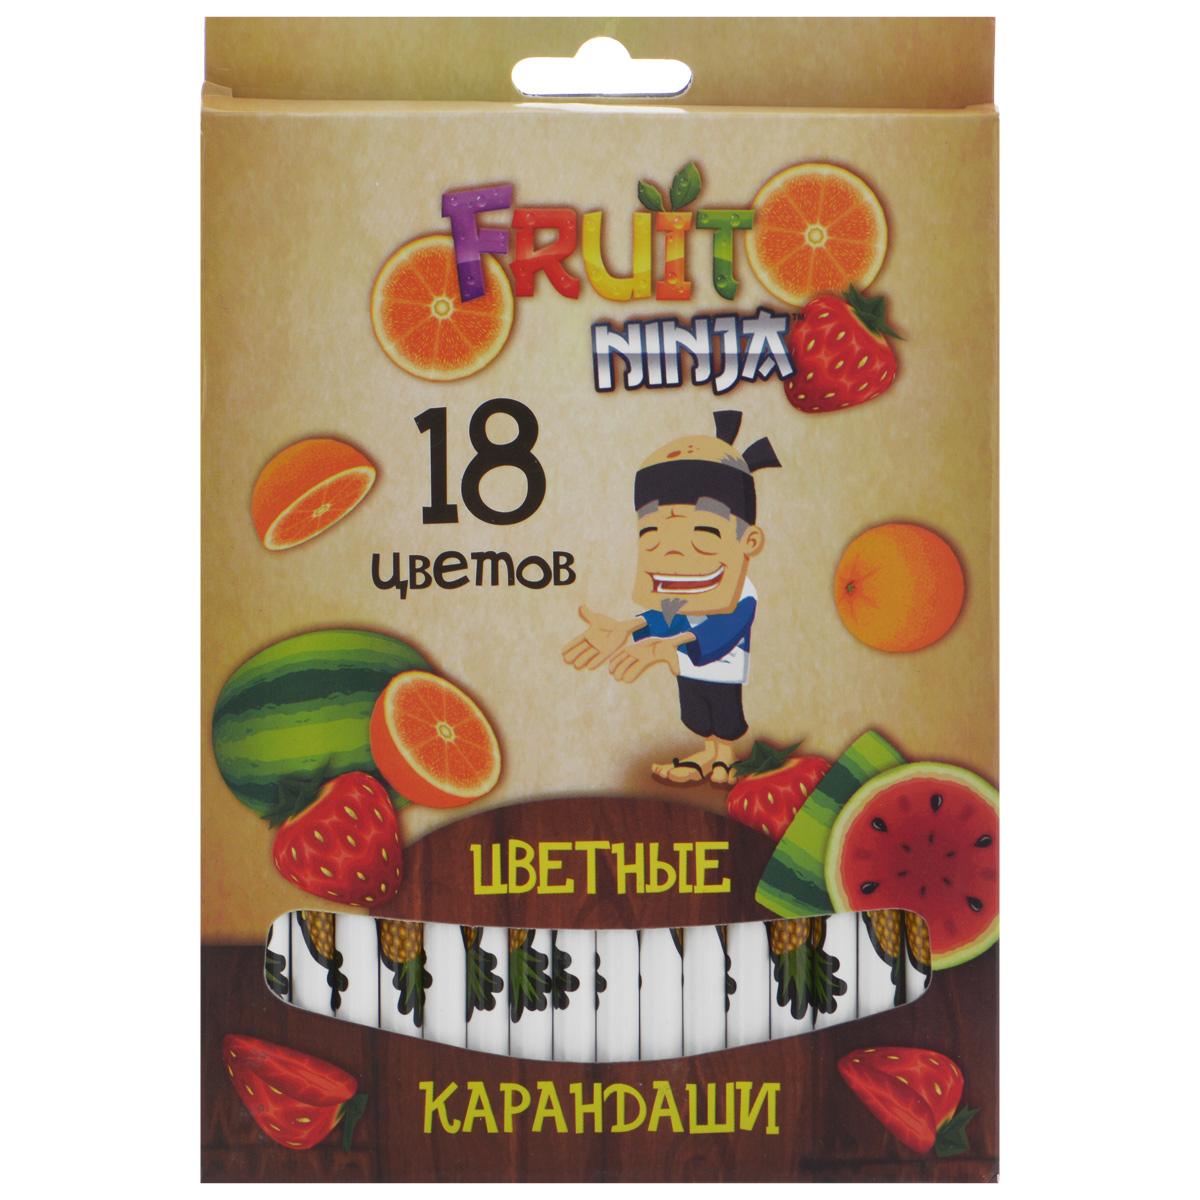 Цветные карандаши Action! Fruit Ninja, 18 цветовC37142_бежеваяЦветные карандаши Action! Fruit Ninja - идеальный инструмент для самовыражения и развития маленького художника! Корпус карандашей выполнен из высококачественной древесины и оформлен изображением сочных фруктов и логотипом игры Fruit Ninja. Карандаши обладают яркими насыщенными цветами, а мягкий грифель позволяет штрихам легко ложиться на бумагу. Они уже заточены, поэтому все, что нужно для рисования, - это взять чистый лист бумаги, и можно начинать! Комплект включает 18 карандашей разных цветов, упакованных в коробку, украшенную изображением фруктов и героя игры Fruit Ninja.